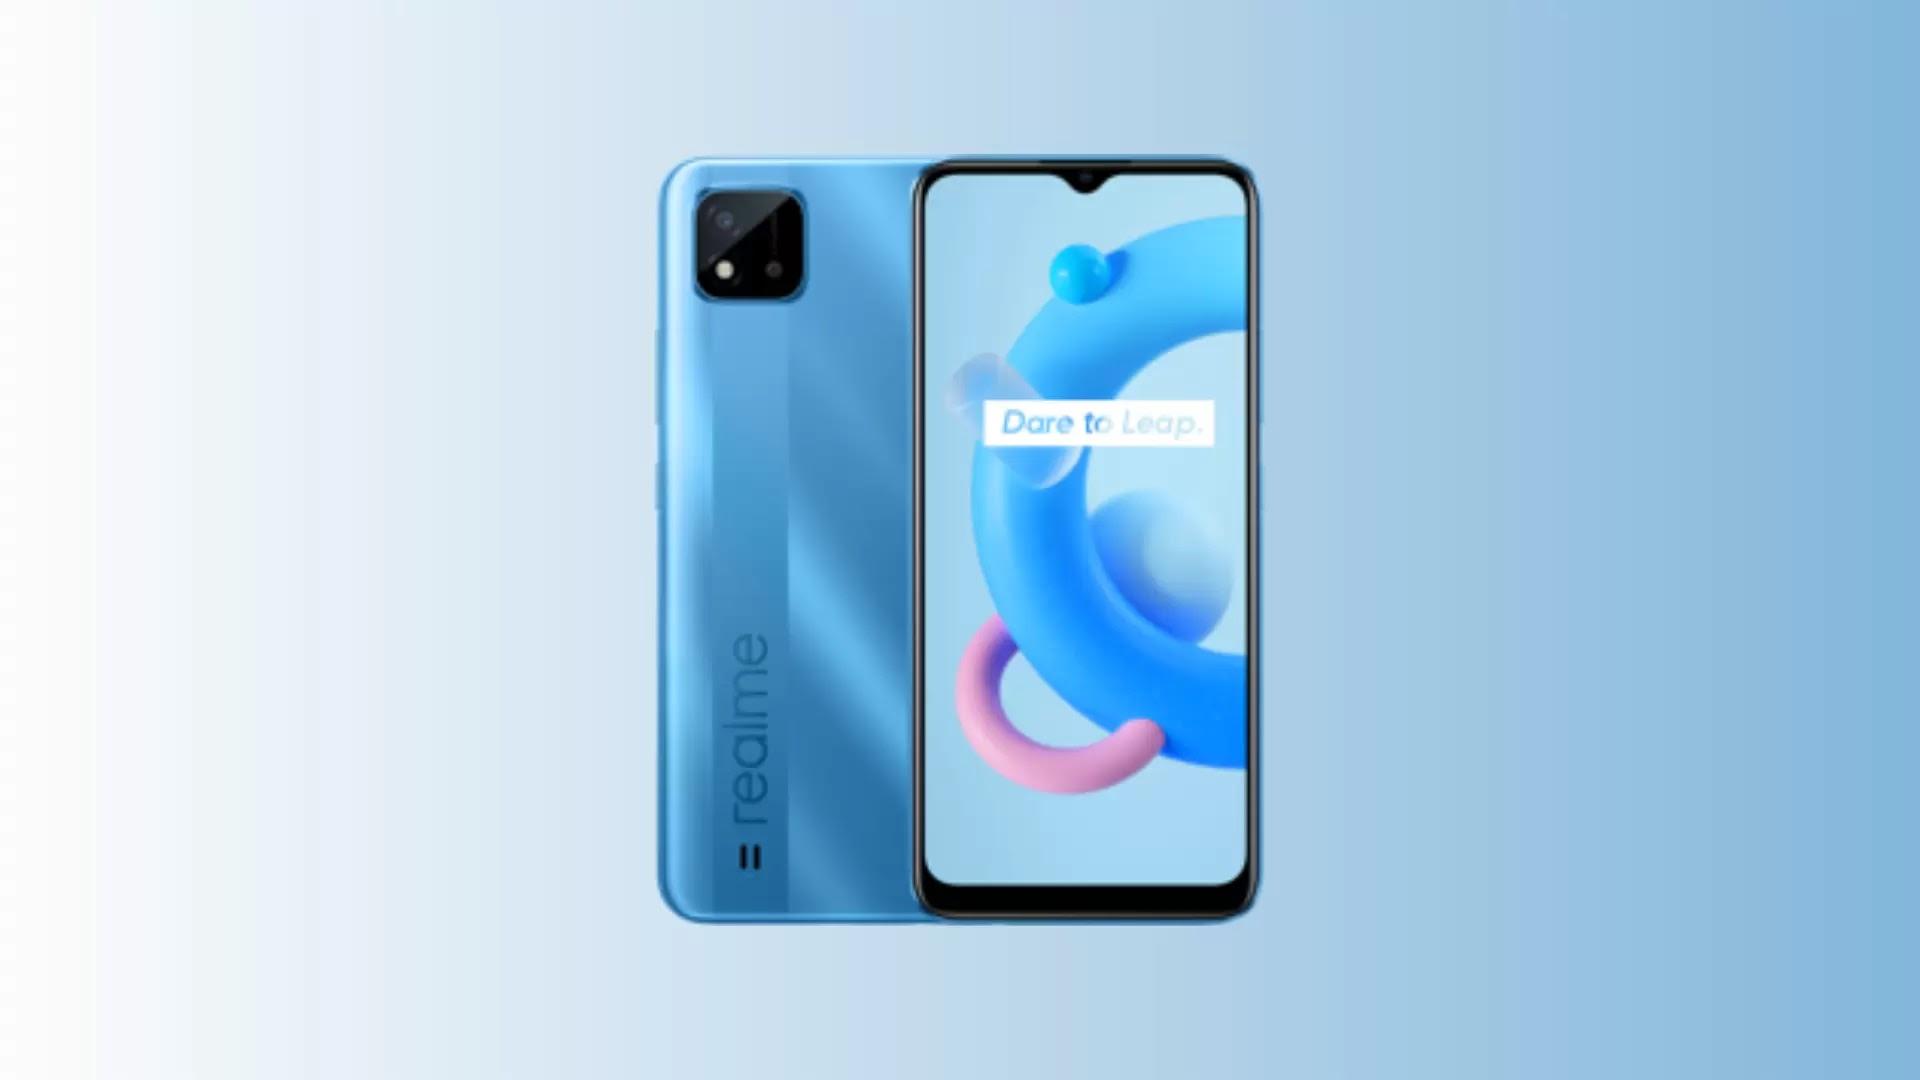 বাংলাদেশে Realme C20A স্মার্টফোন হয়েছে লঞ্চ